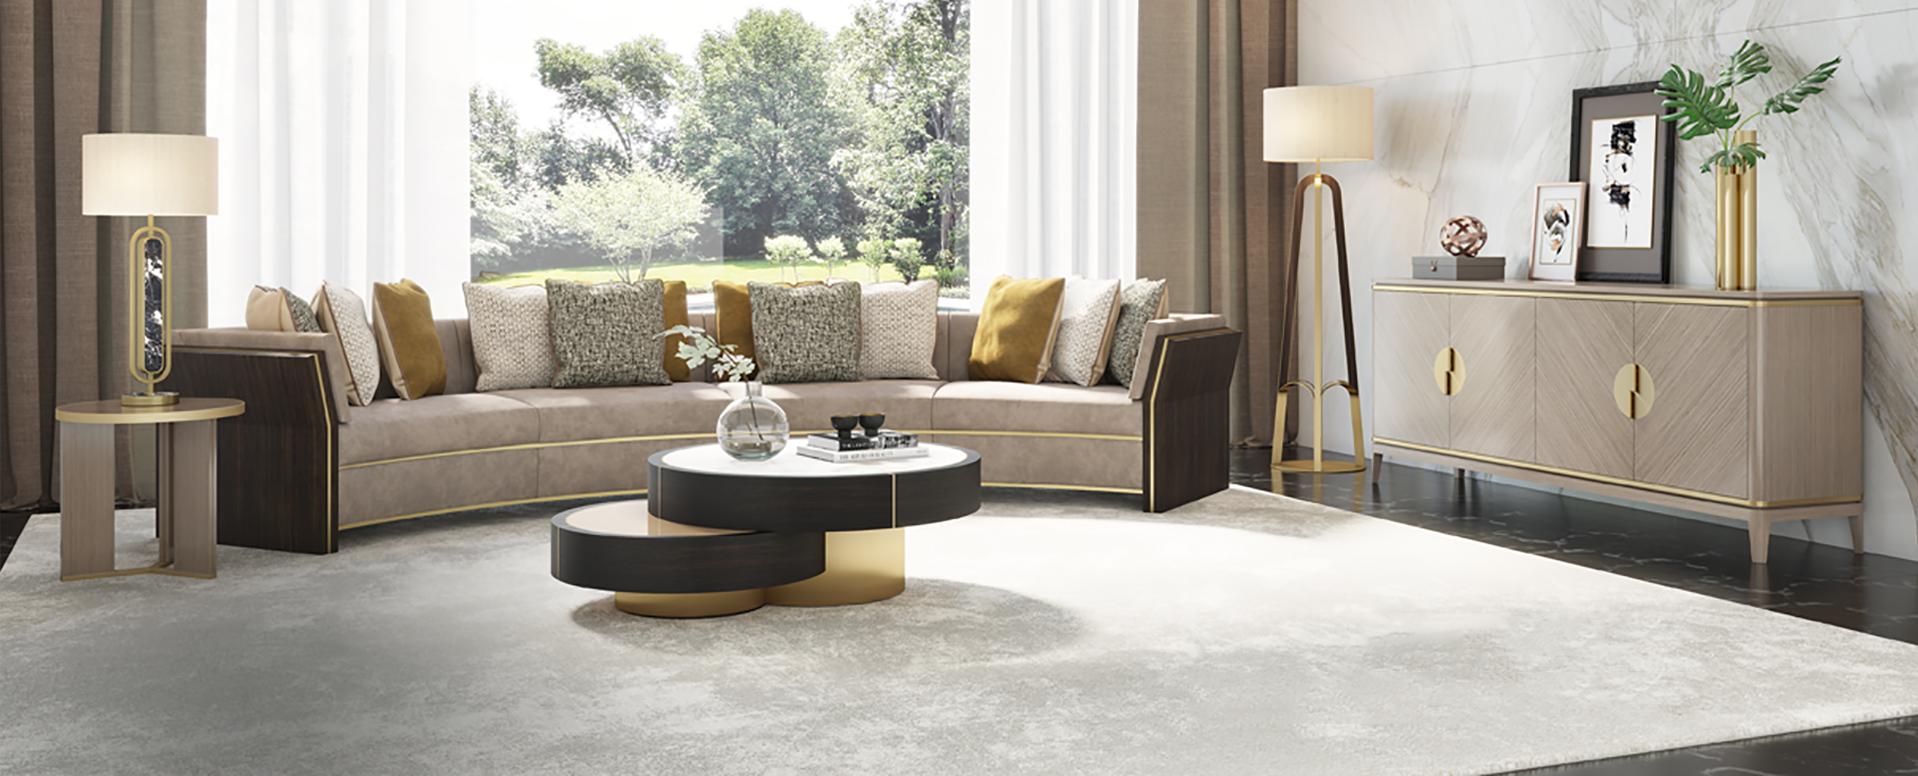 мебель Frato Interiors Португалия